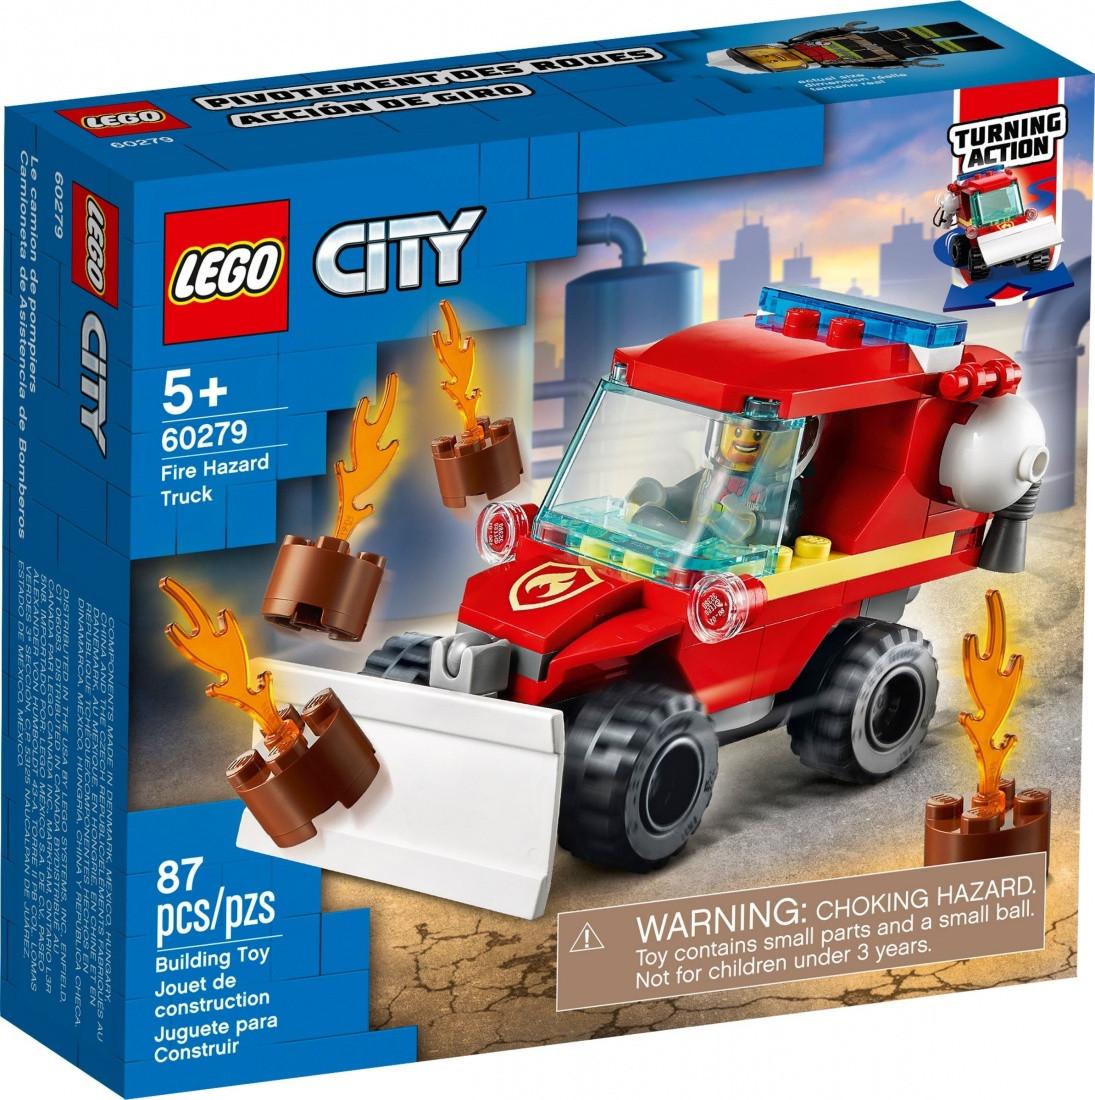 60279 Lego City Пожарные: Пожарный автомобиль, Лего Город Сити